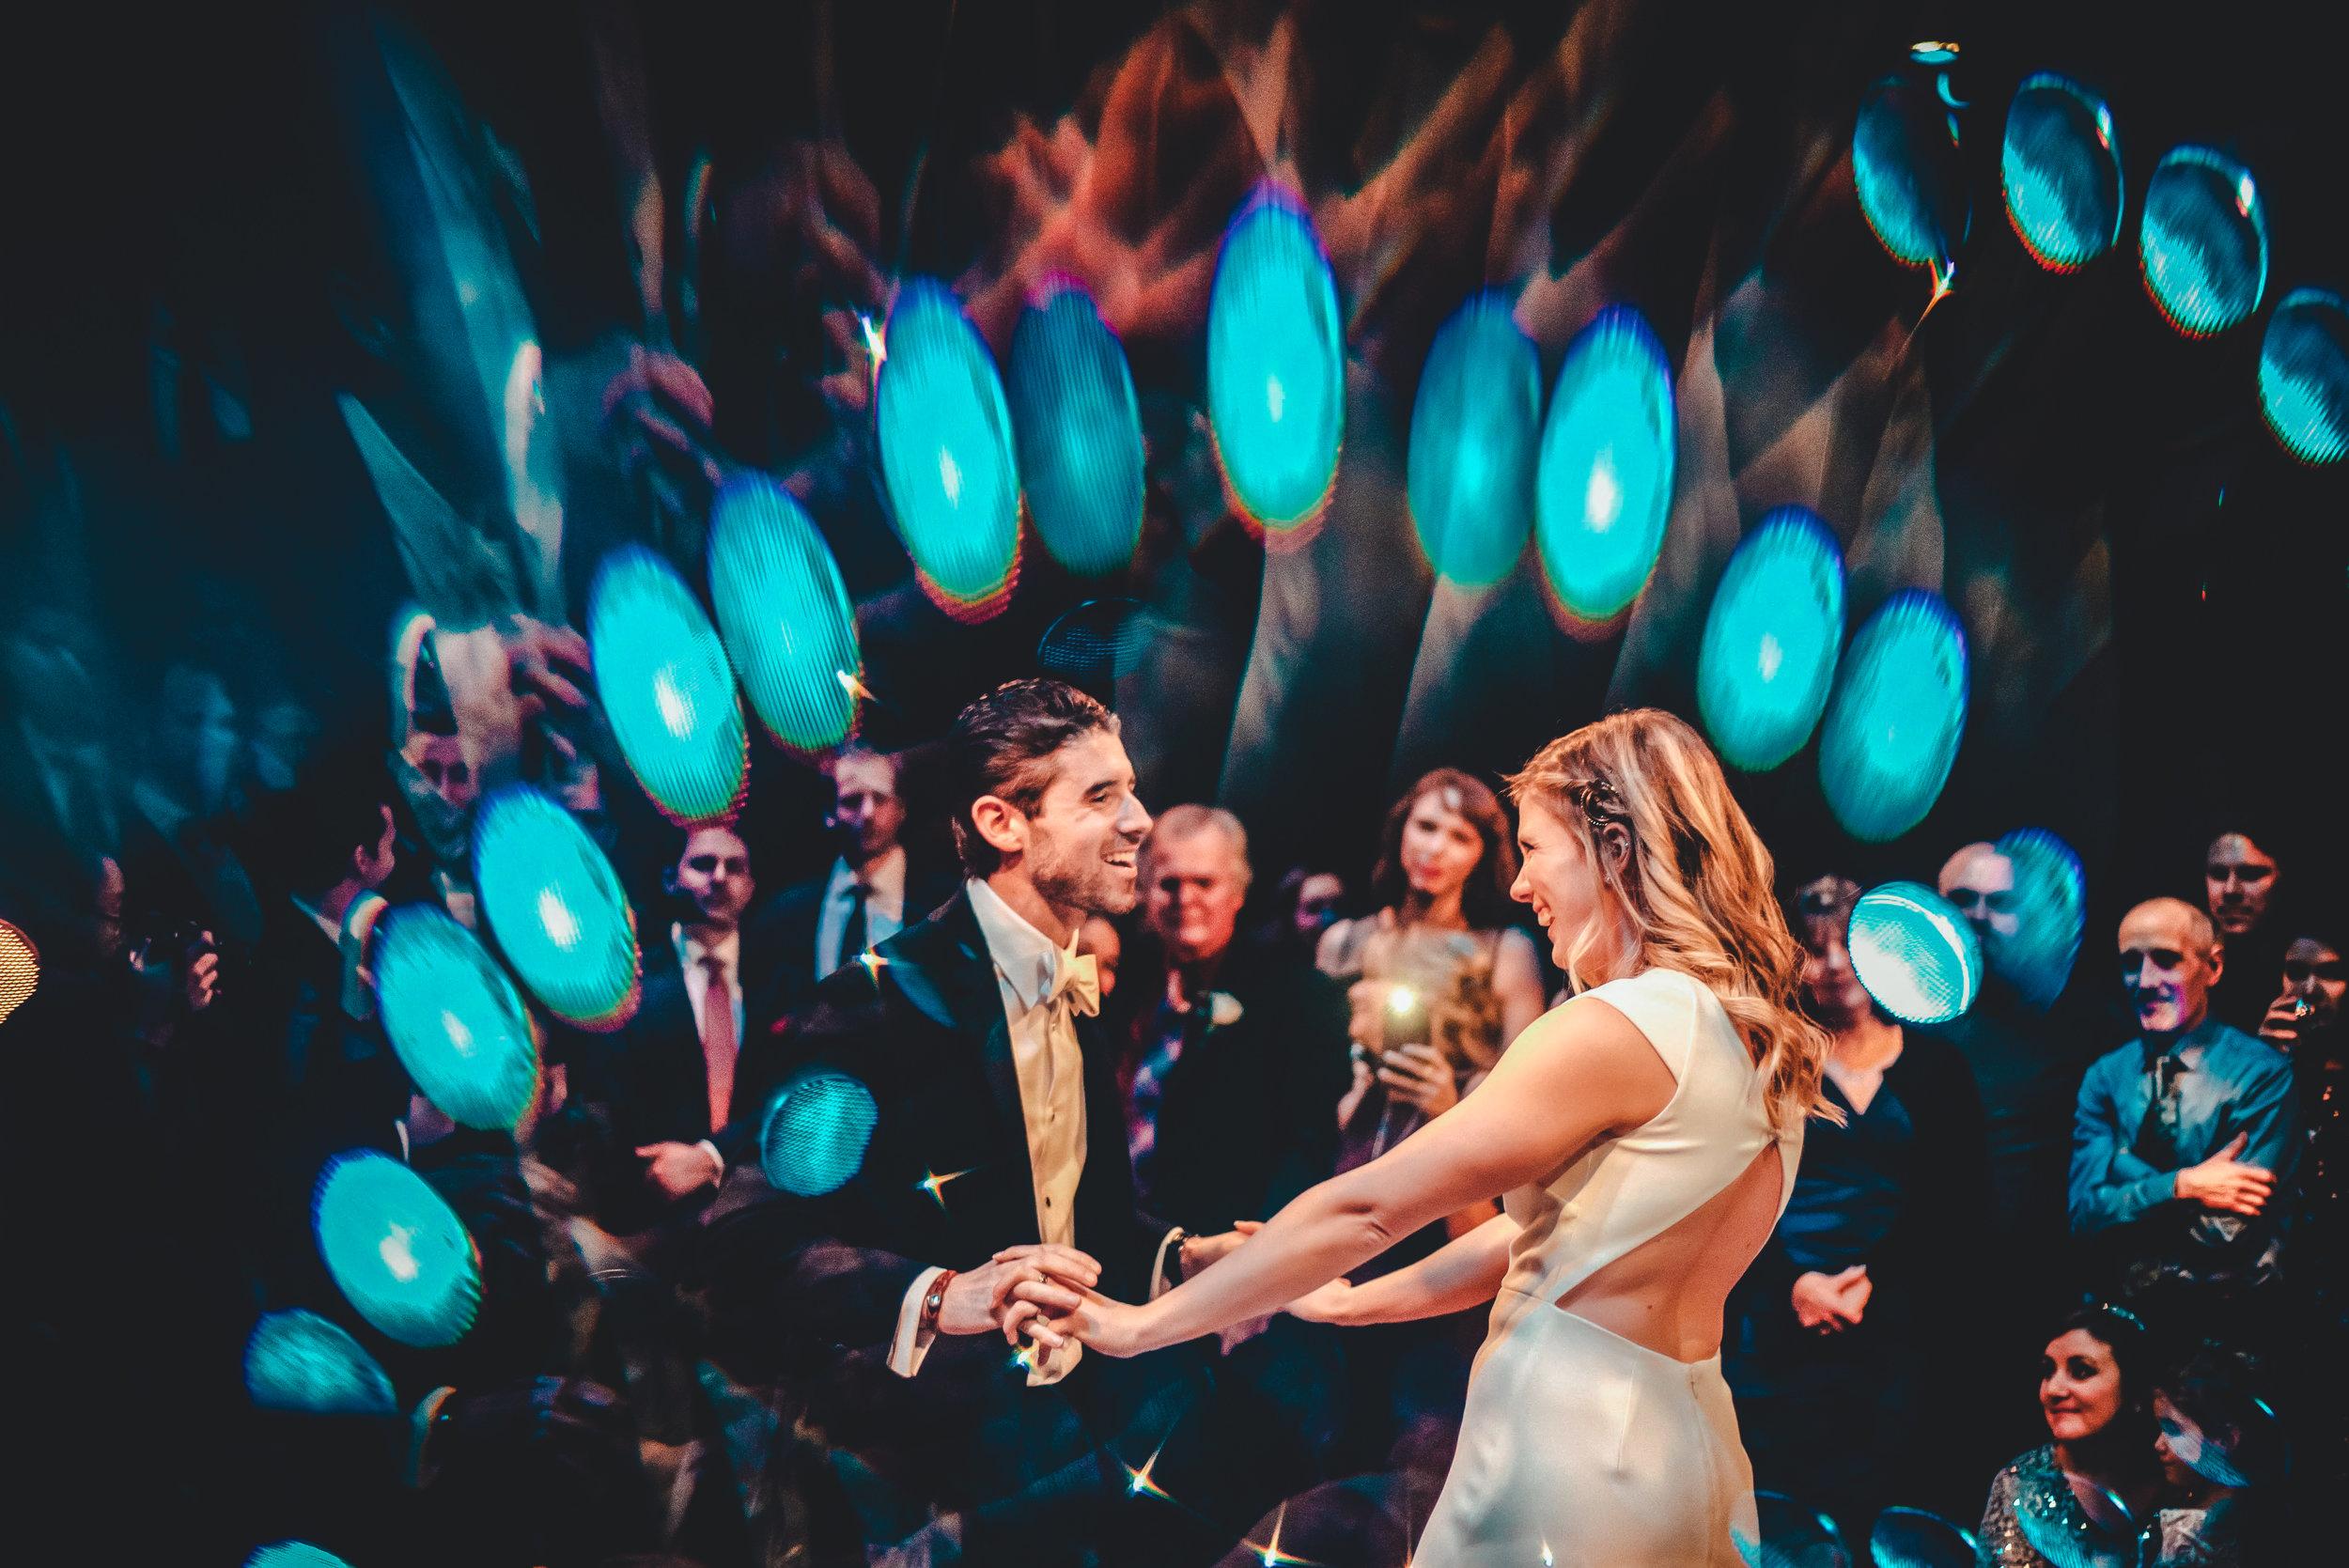 wedding_erinjimmy-670.jpg